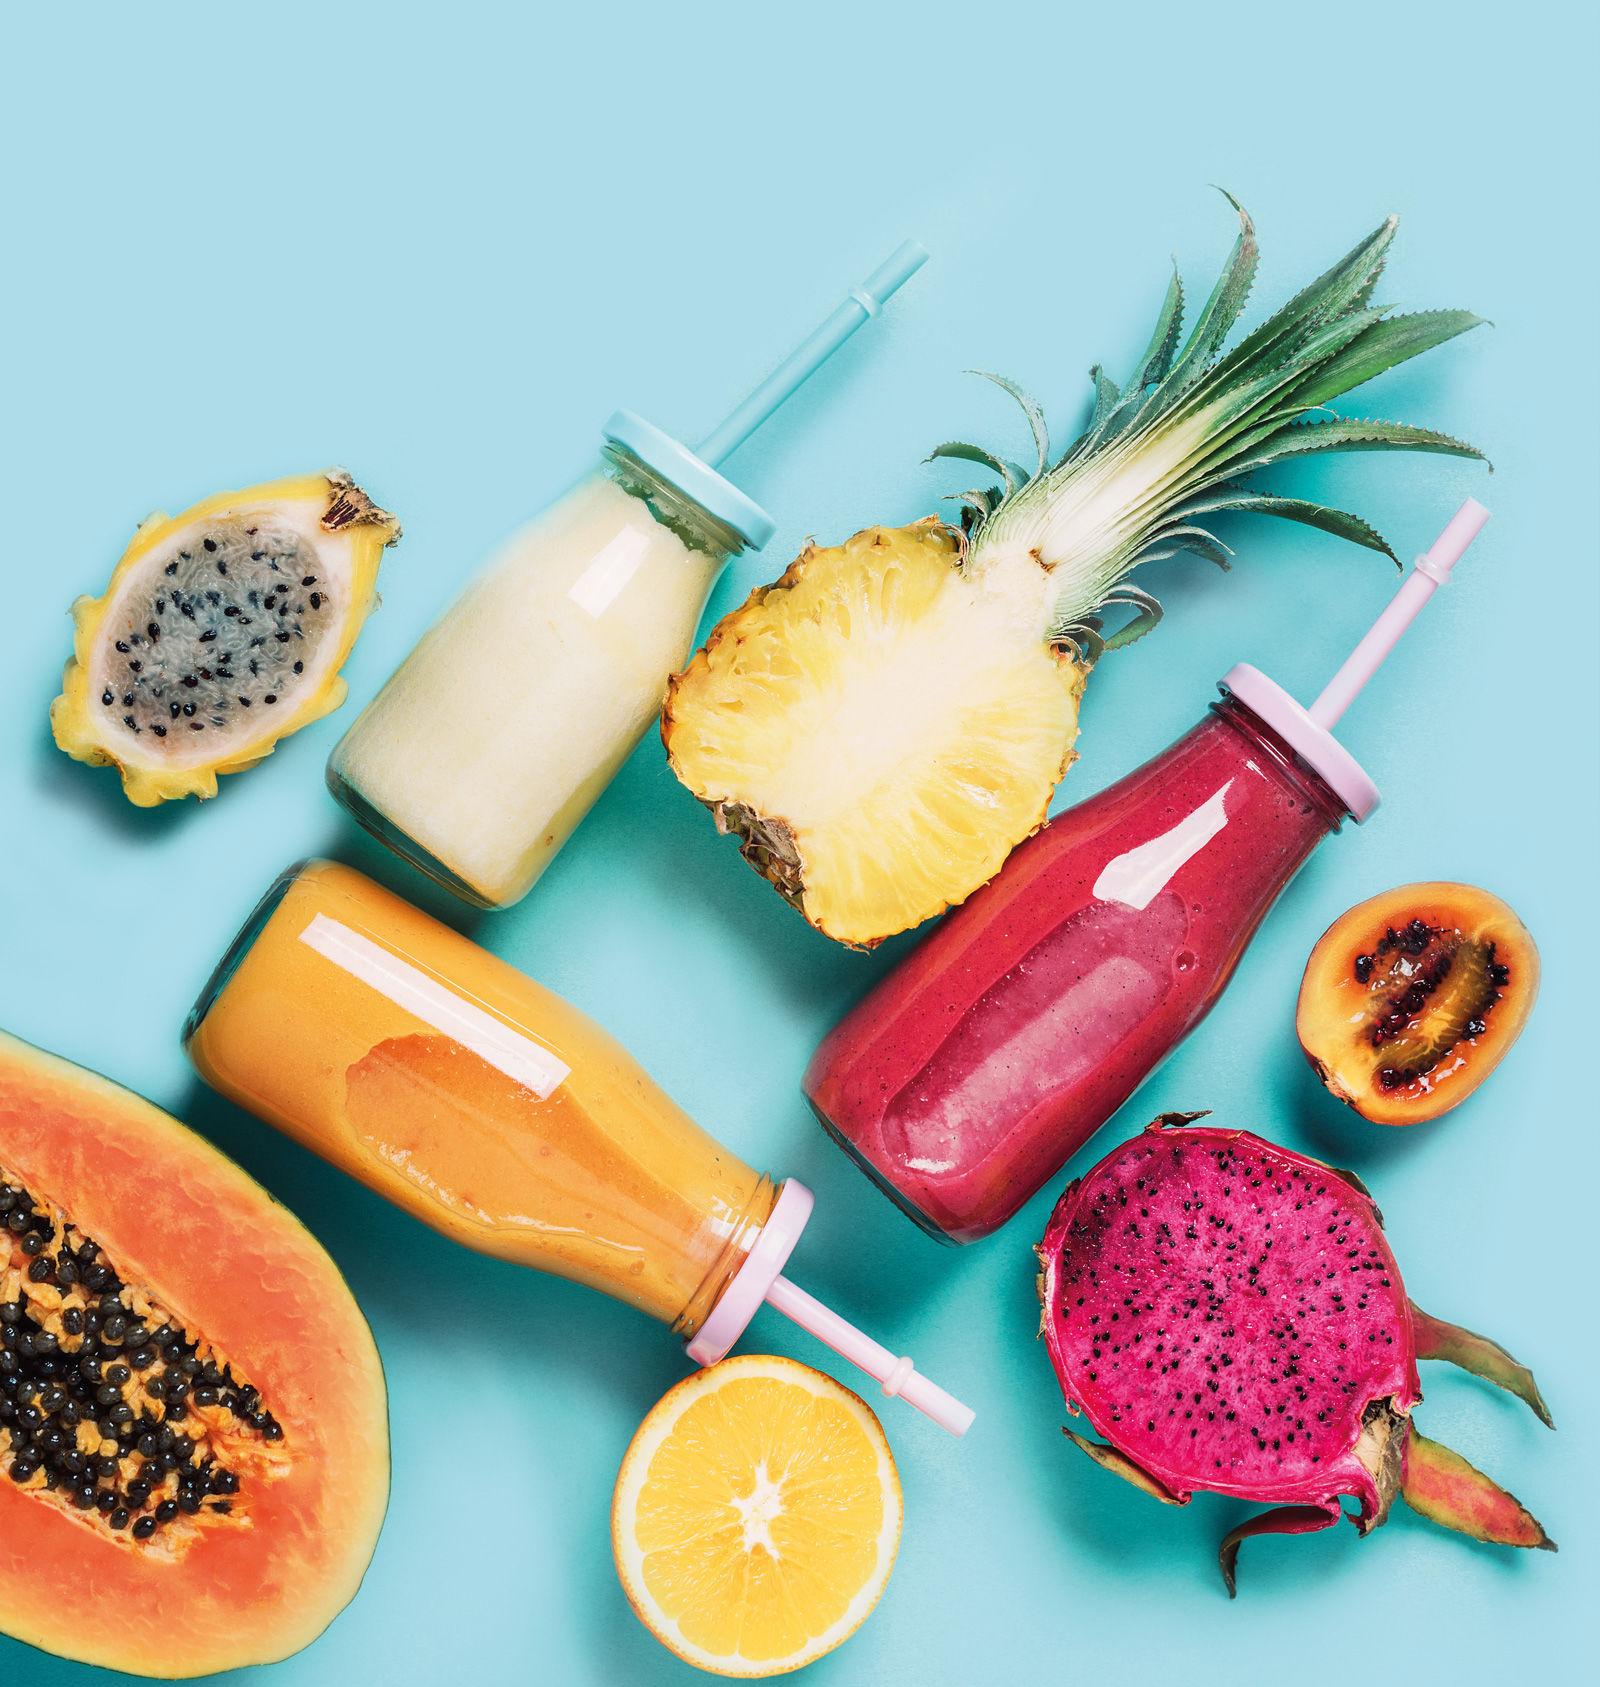 Obst und Annanas Bild